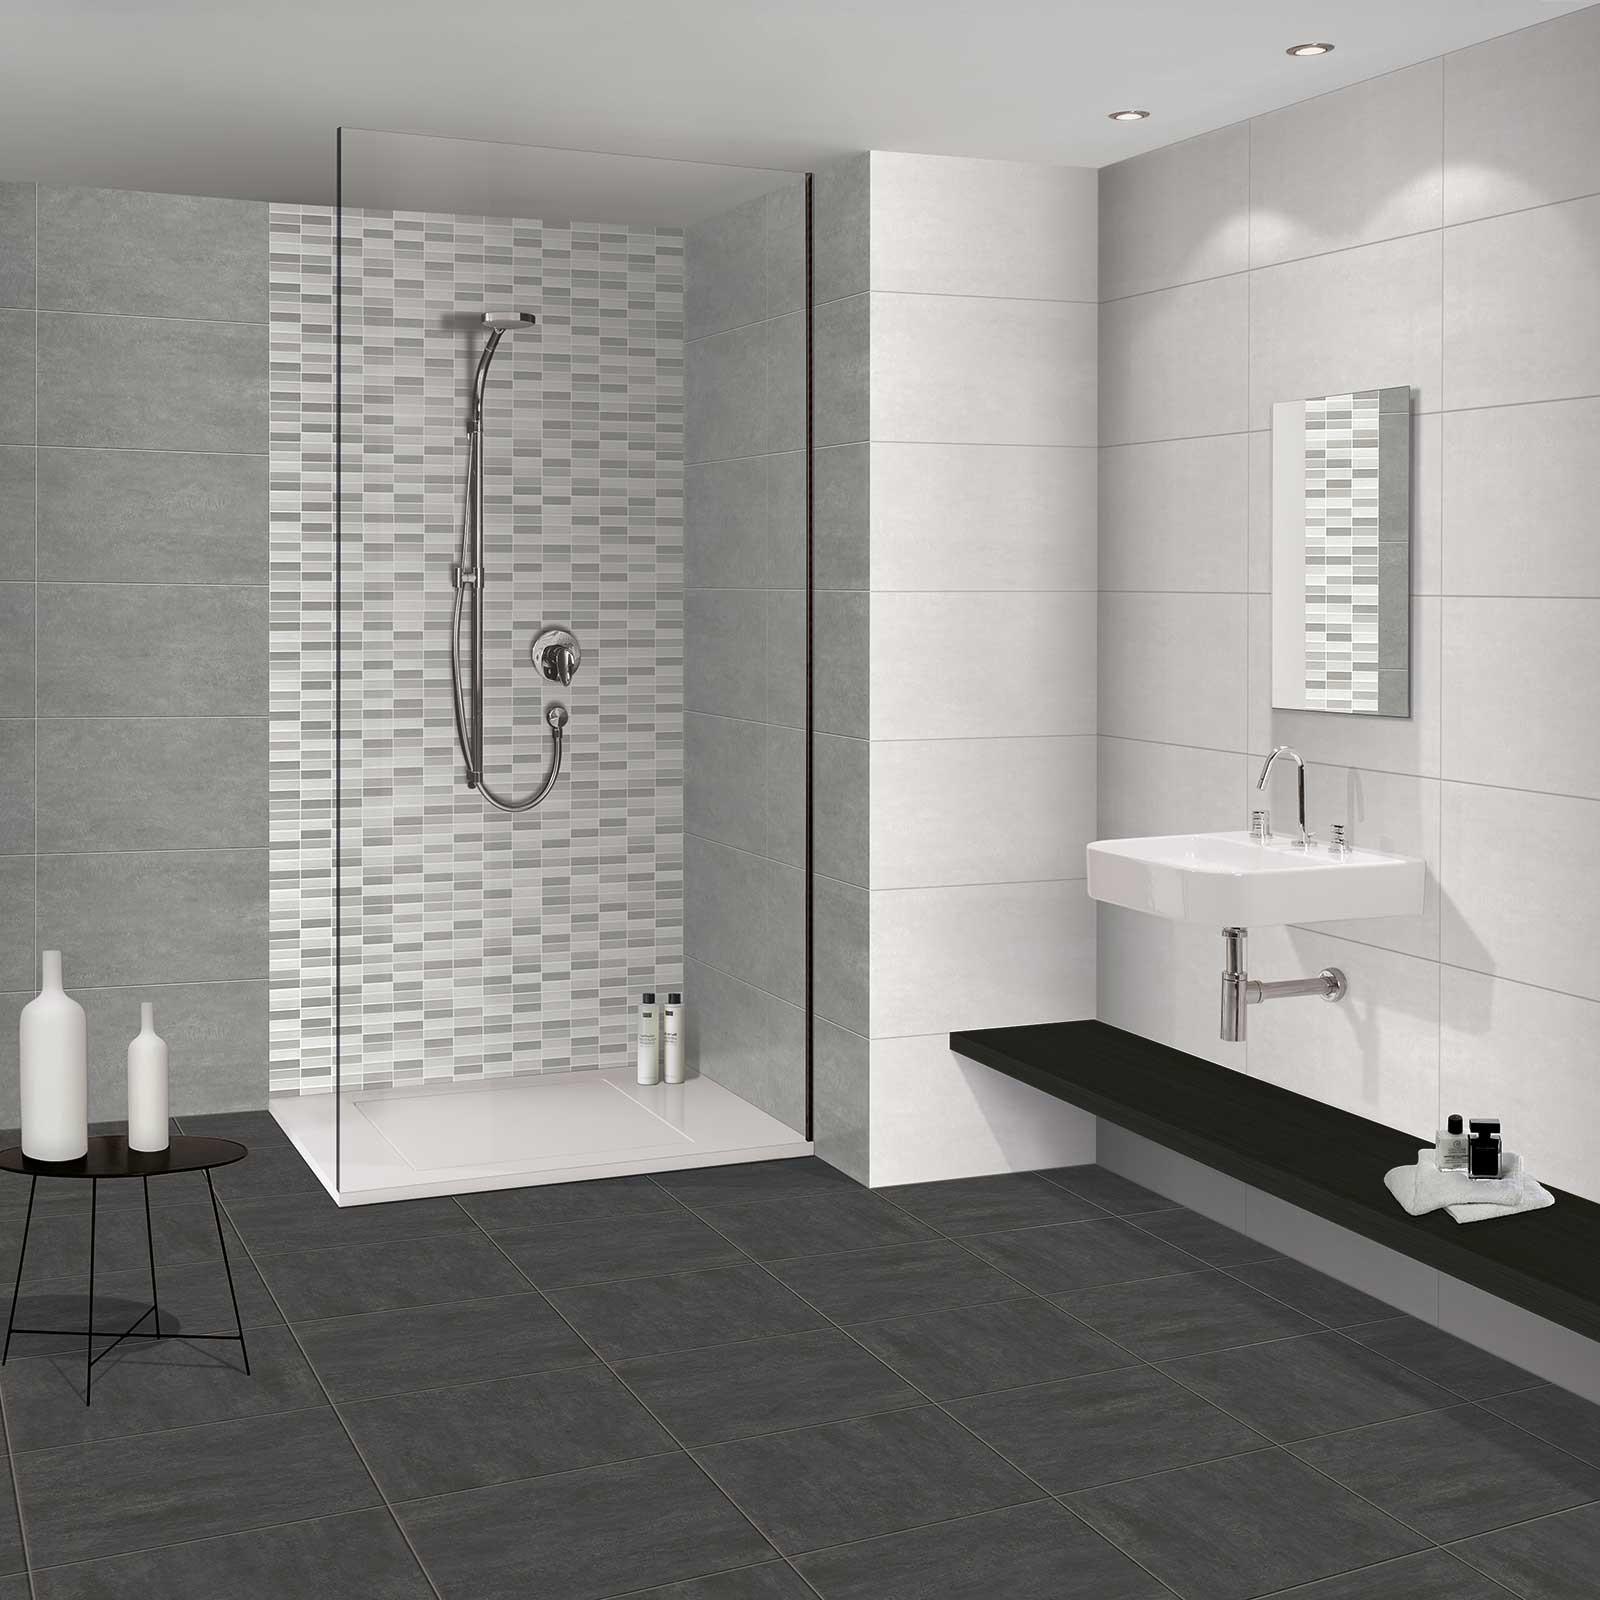 Serpal Perla Wall Tile